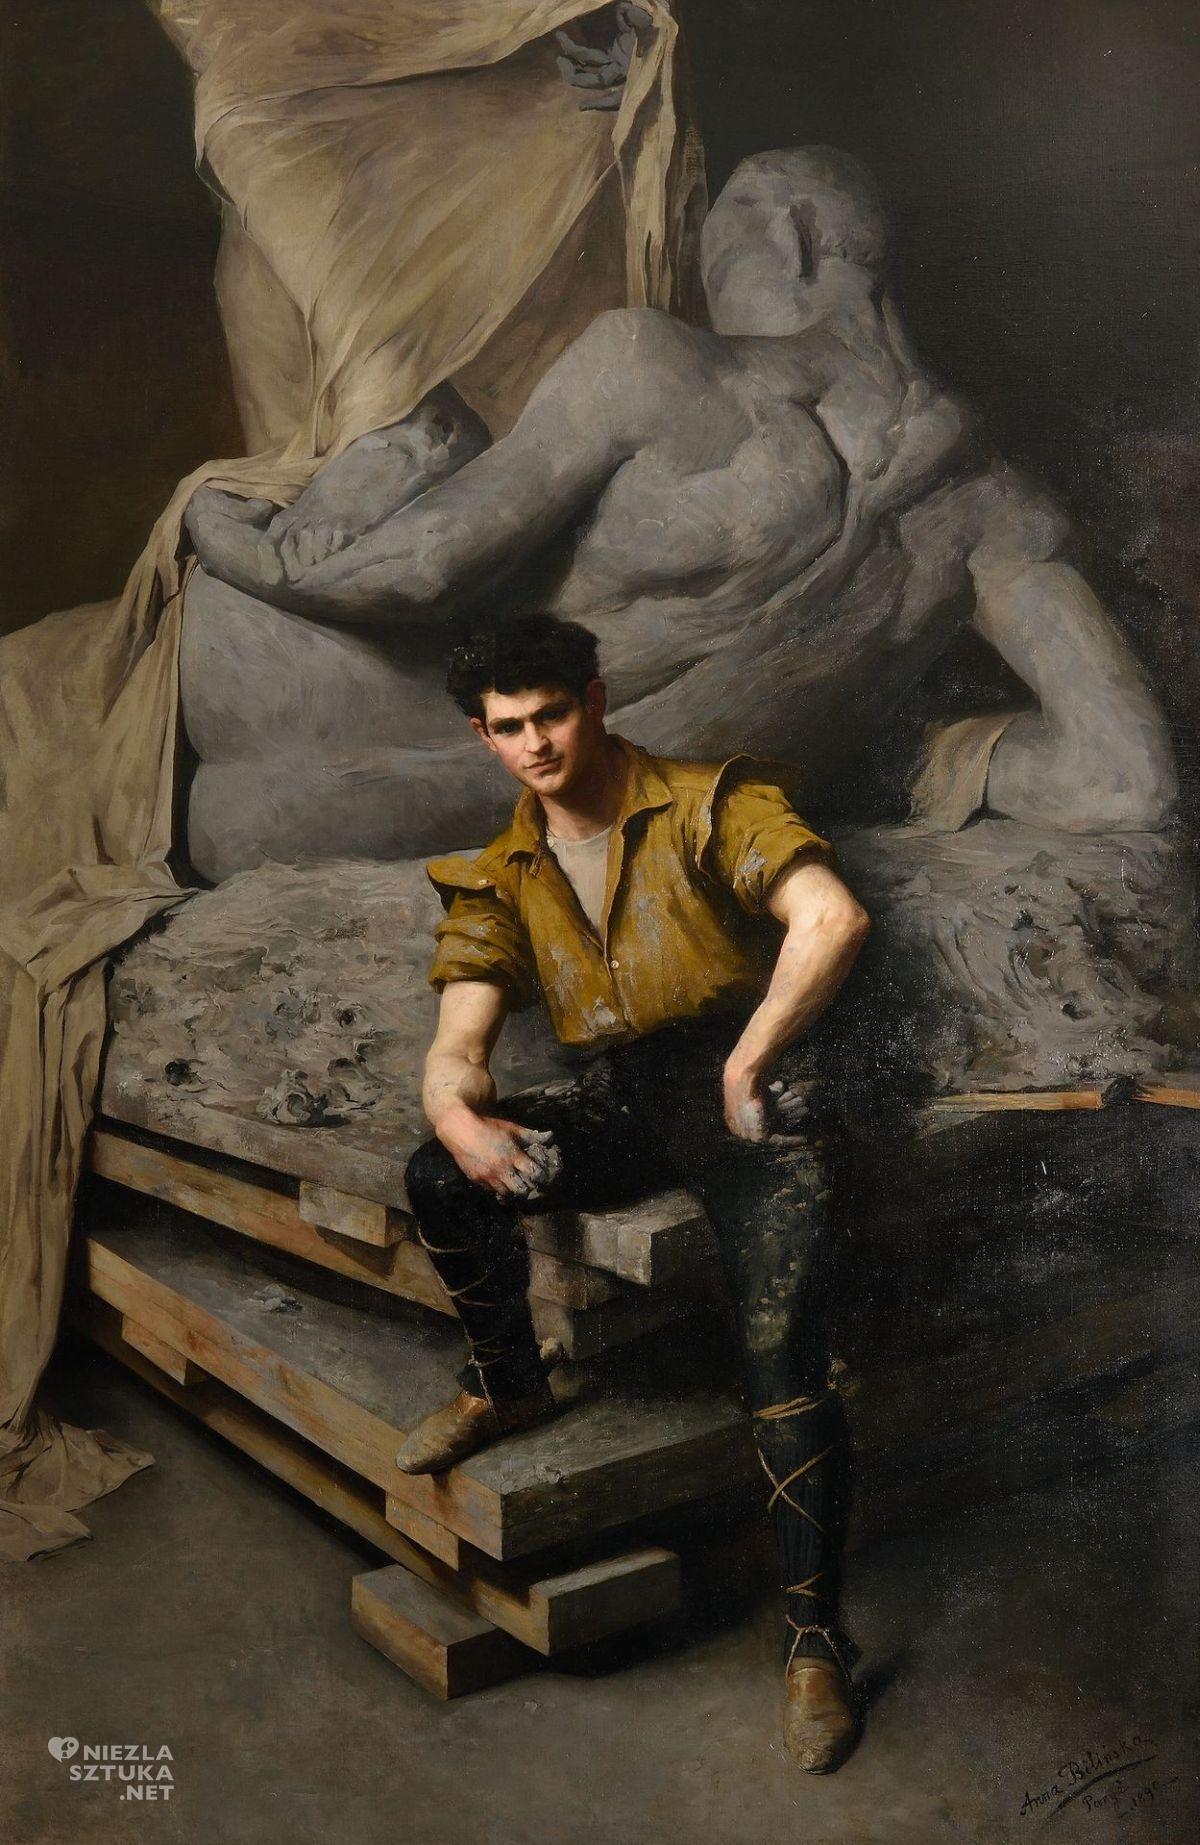 Anna Bilińska, Portret rzeźbiarza George'a Greya Bernarda w pracowni, The State Museum of Pennsylvania, sztuka polska, malarstwo polskie, kobiety w sztuce, niezła sztuka